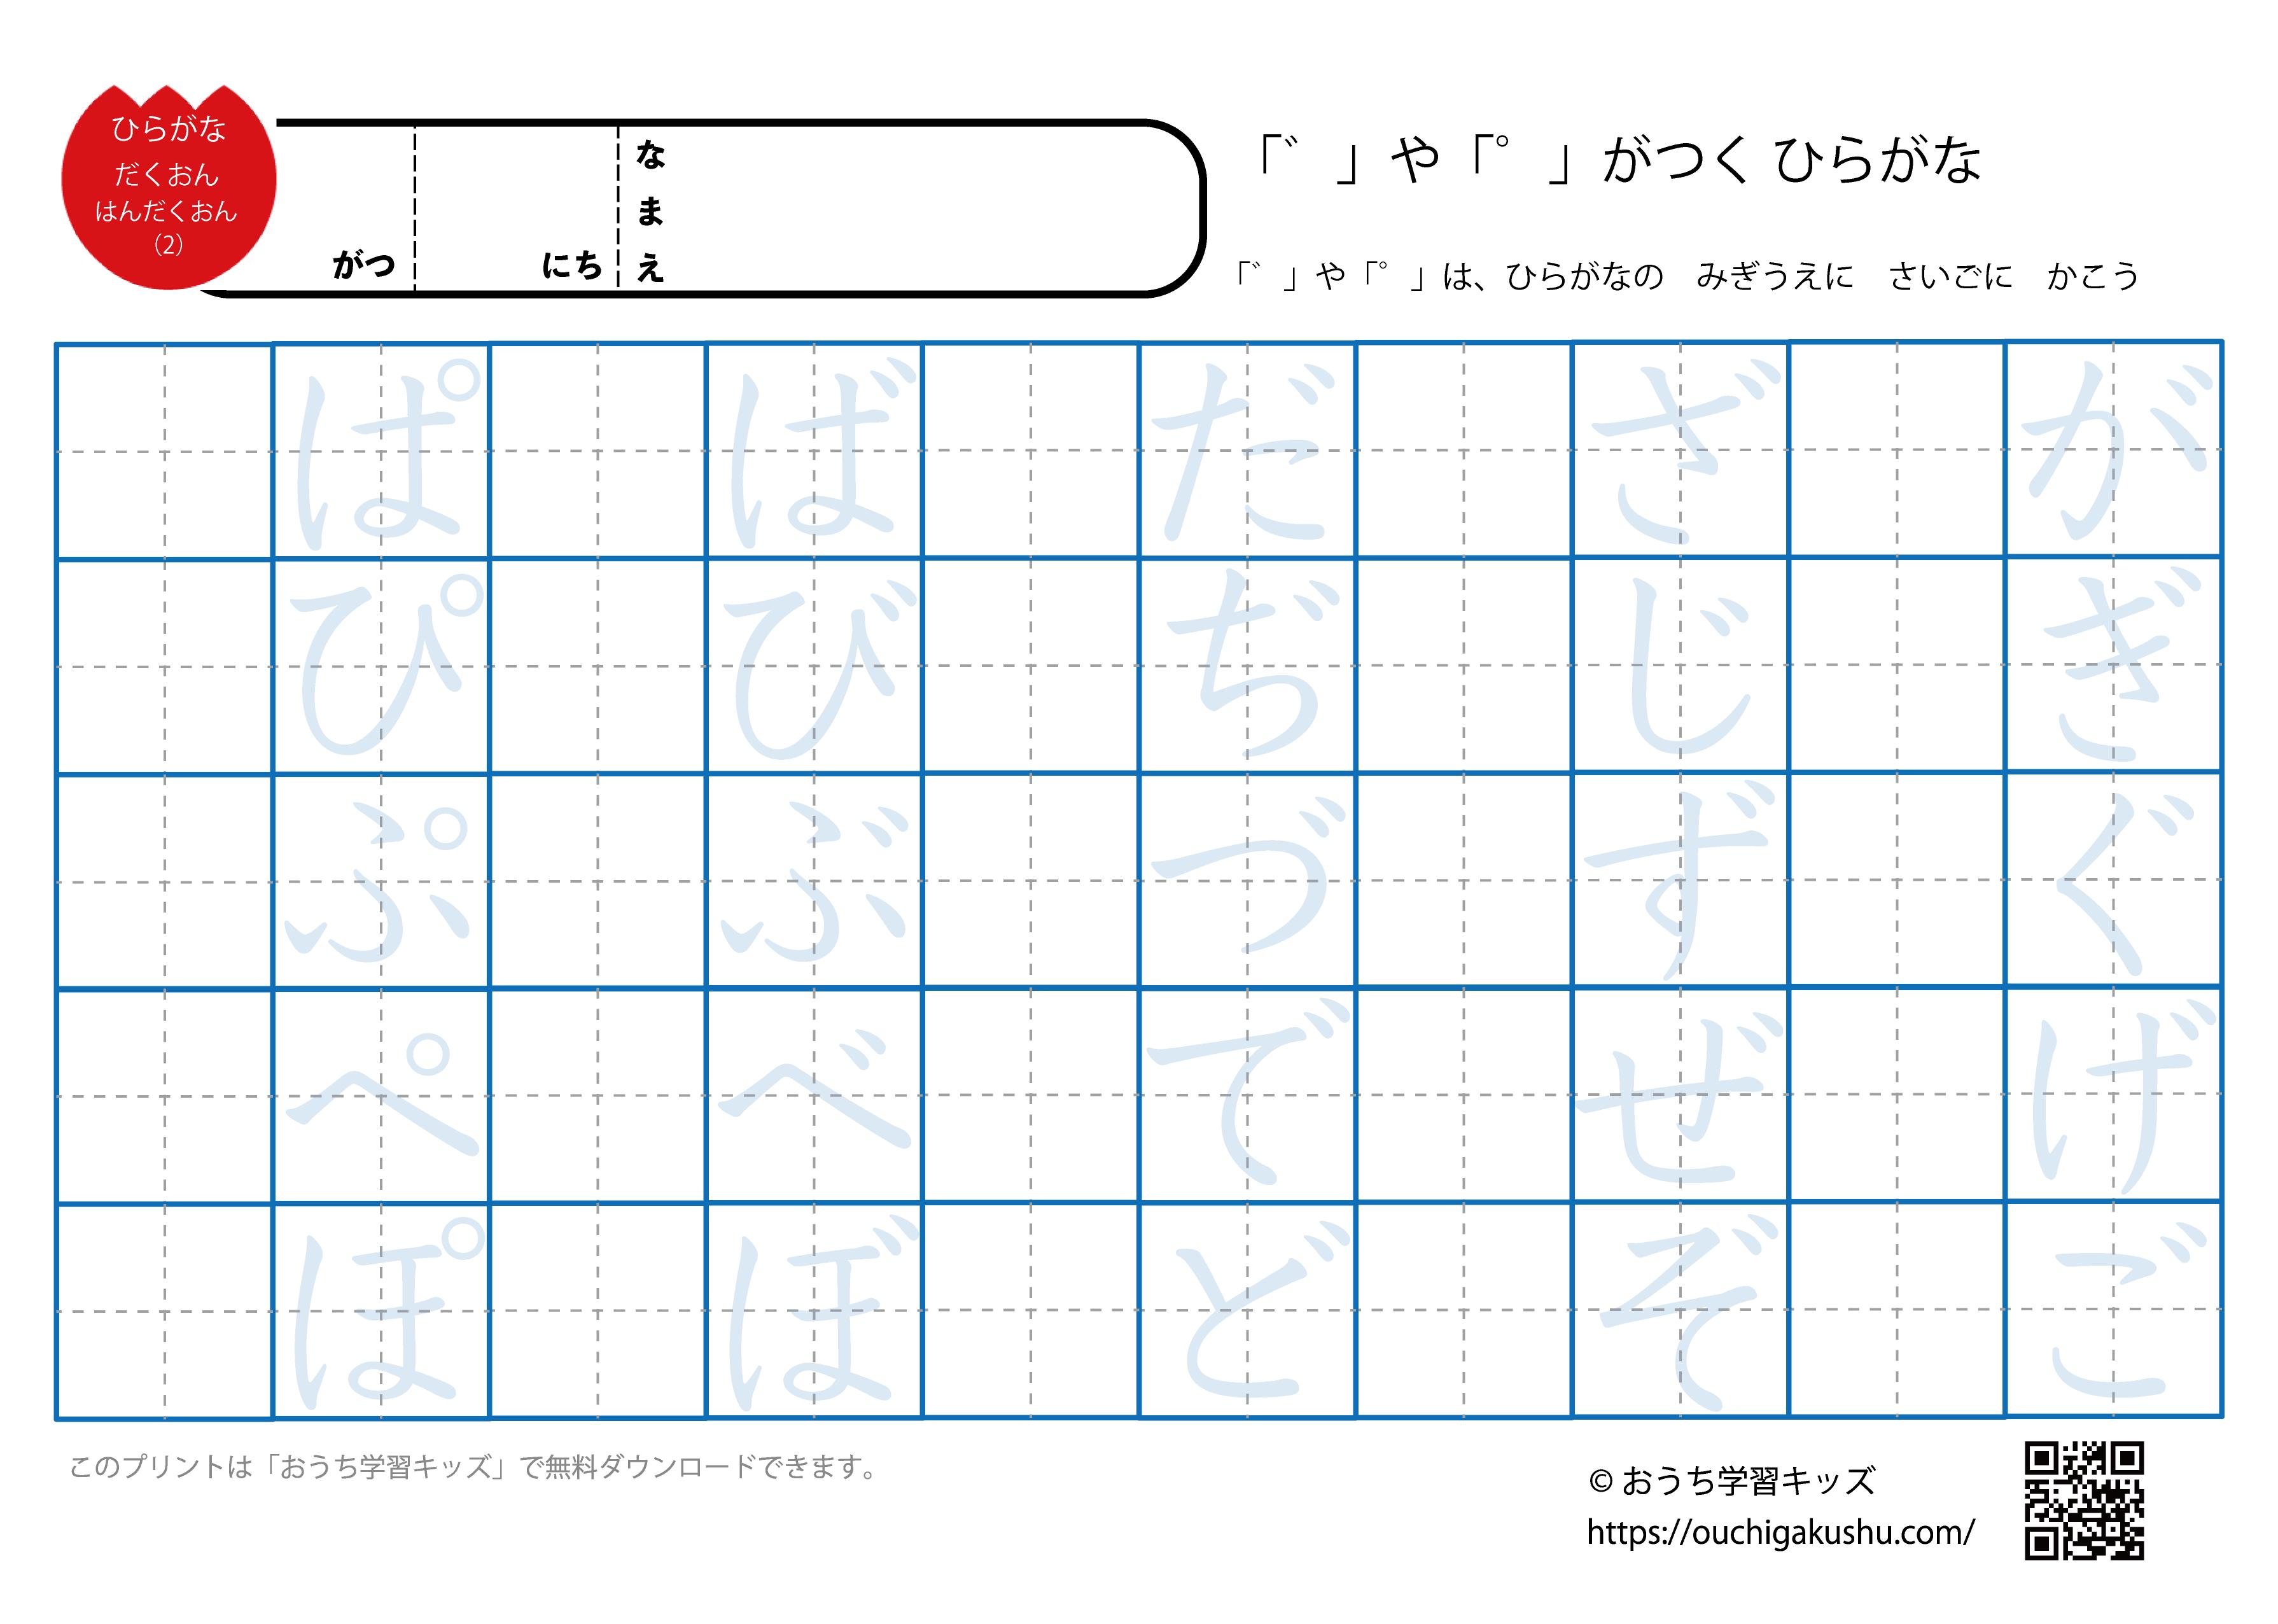 ひらがな練習プリント 濁音・半濁音2 なぞり書き(薄い文字)と空欄